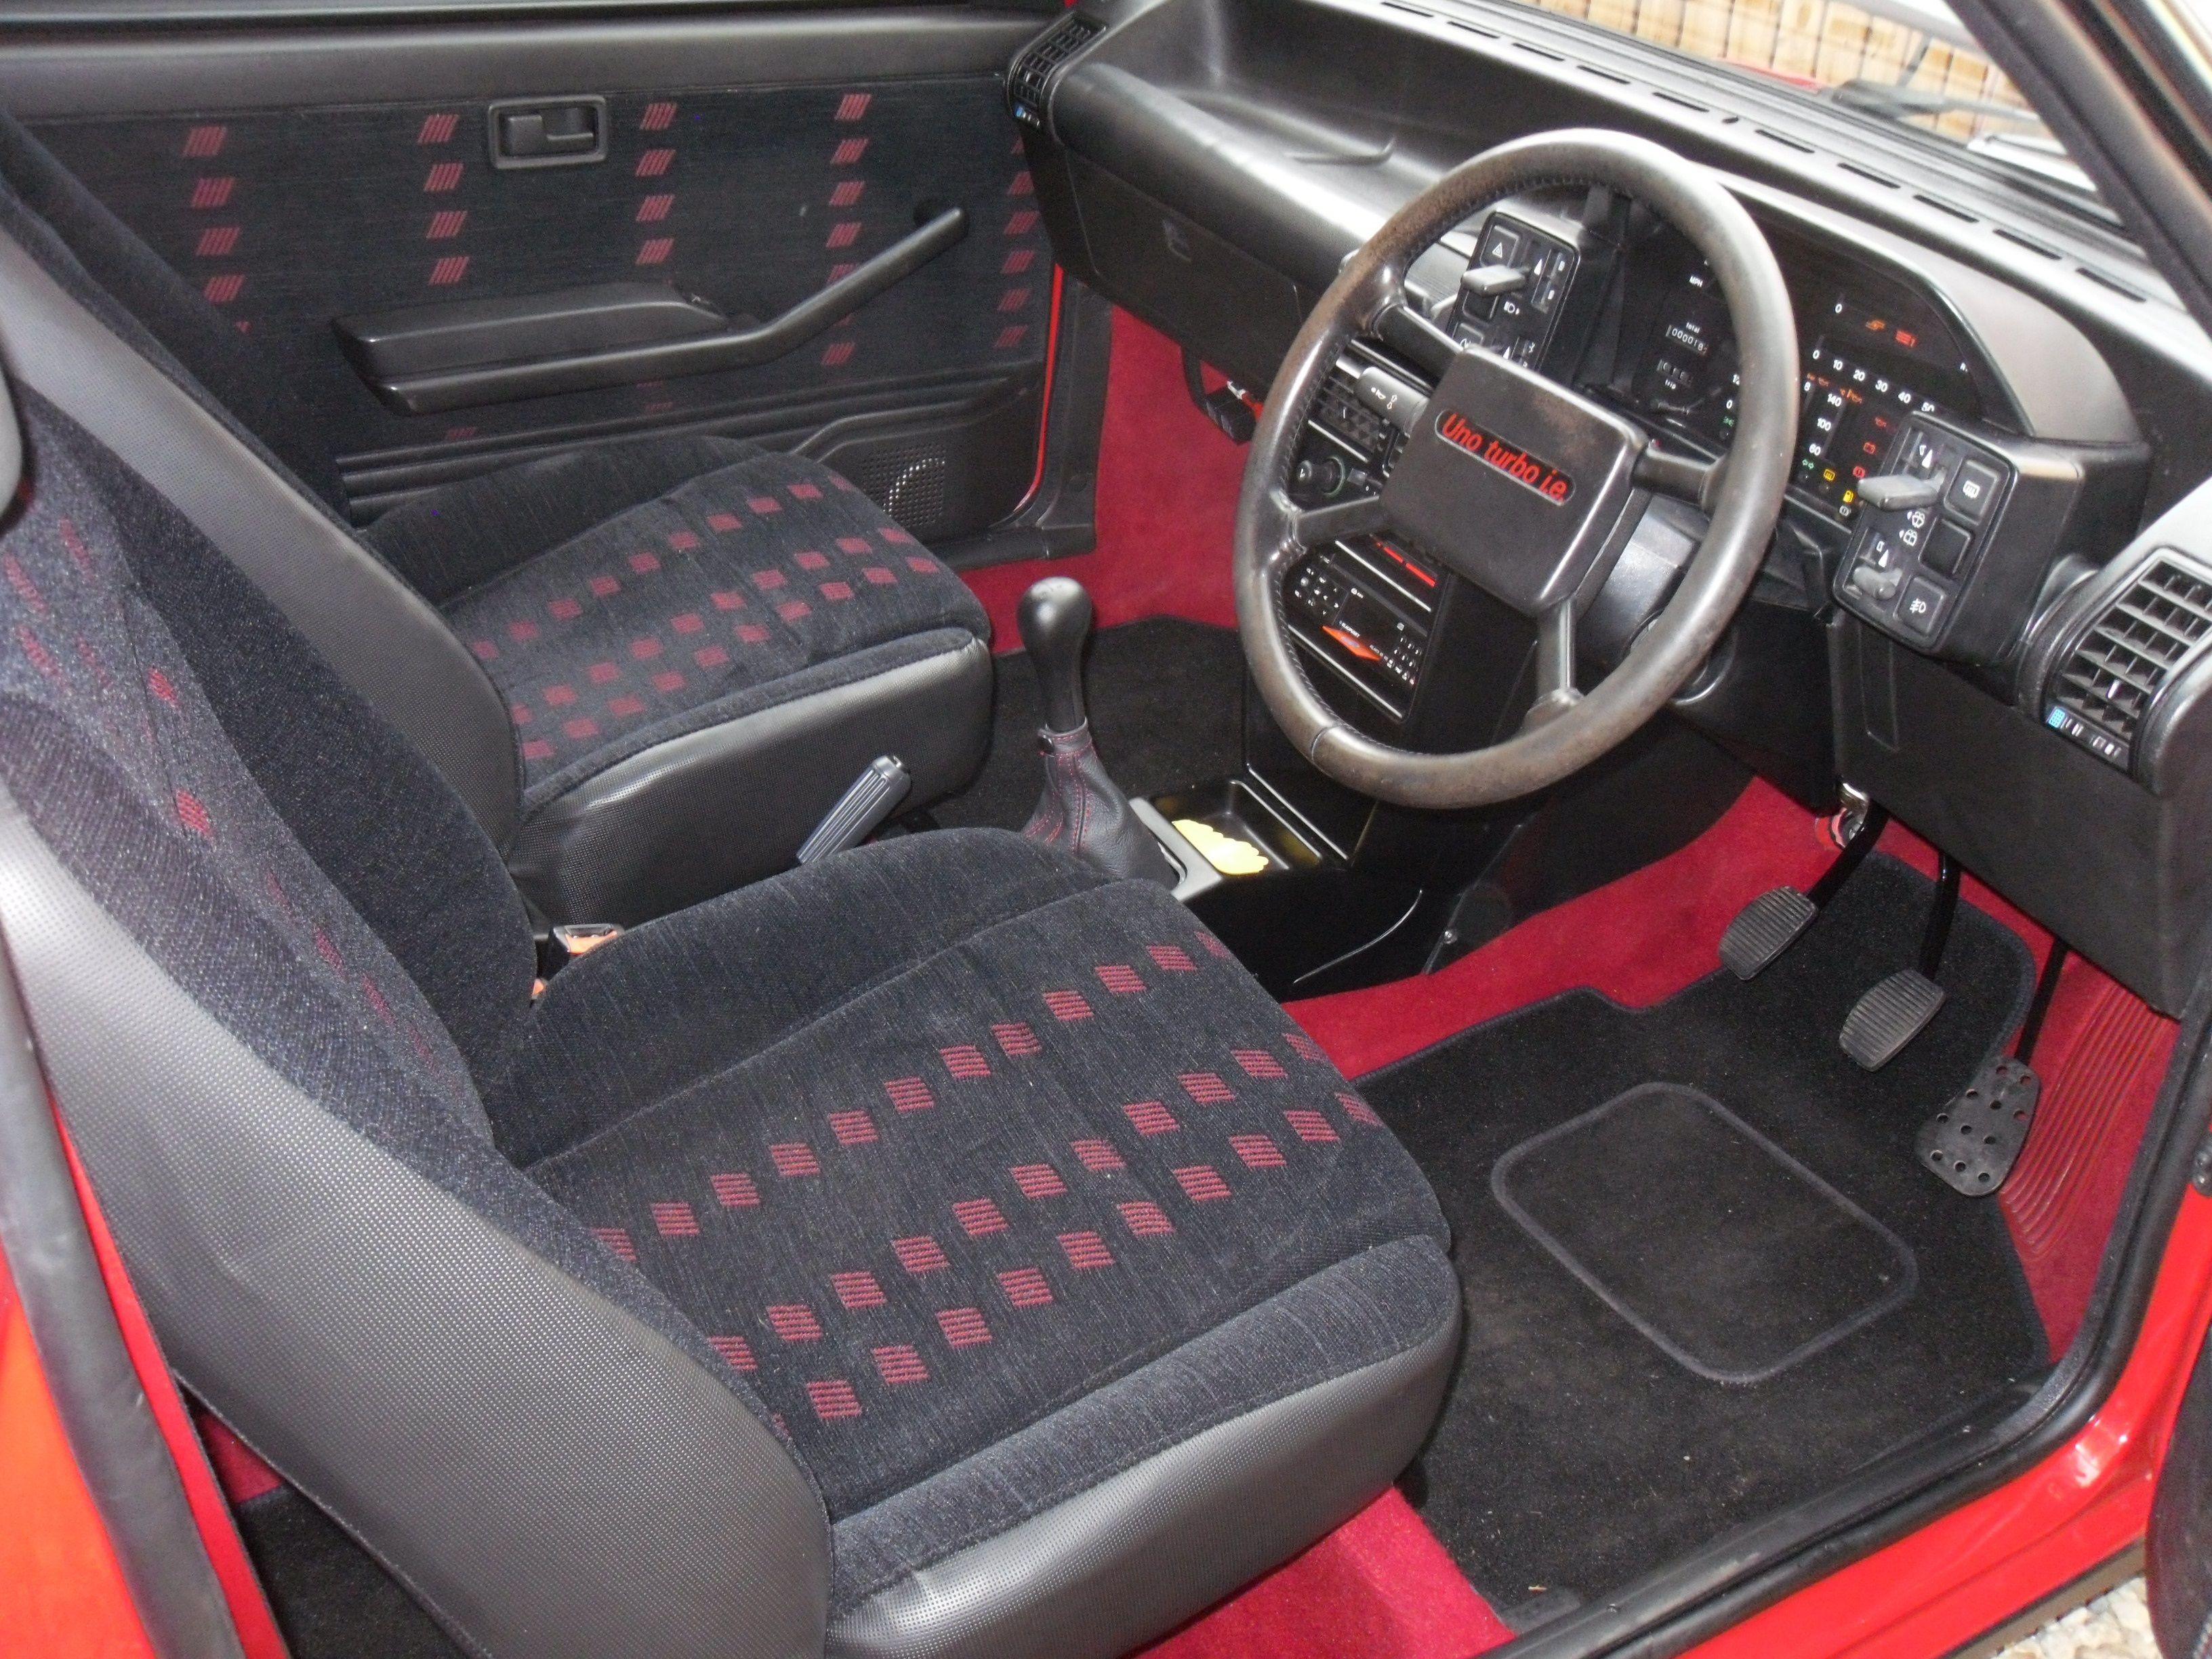 Fiat Uno Wikipedia 036e5cf6fac10193fb13f20882078e3c Lesser Seen